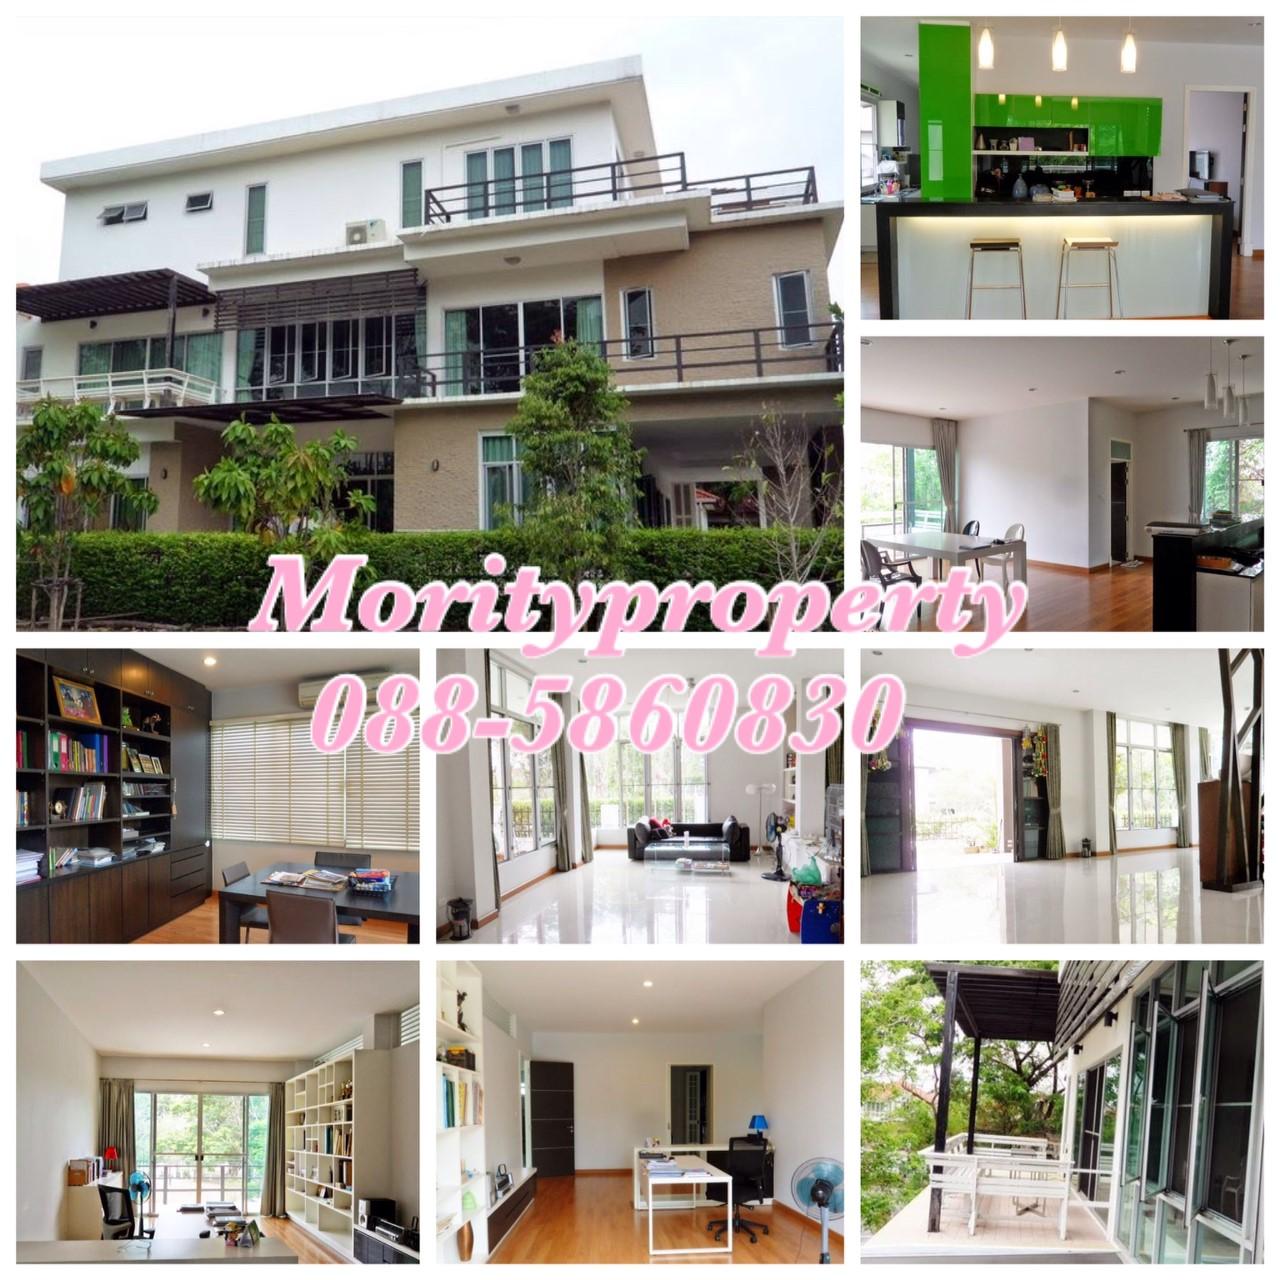 ภาพขายบ้านเดี่ยวหมู่บ้านอารีน่าพาร์ค ชวนชื่นซิตี้ รามอินทรา คู้บอน 27 บ้านสวยพร้อมอยู่